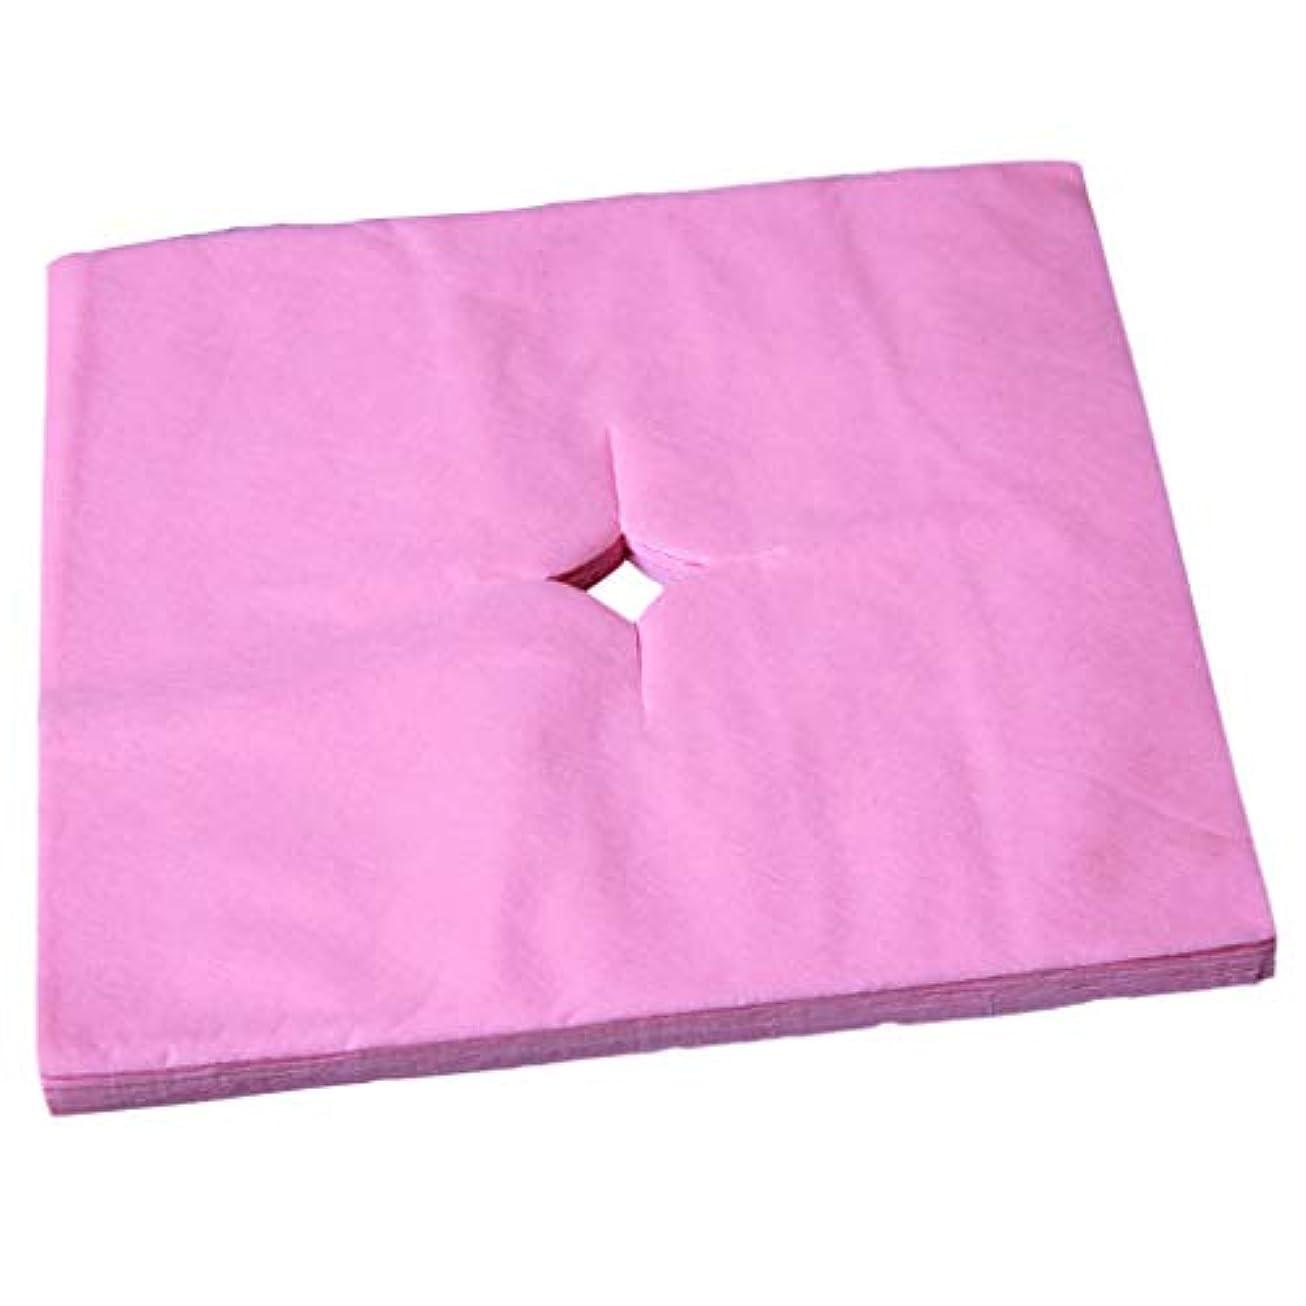 ハンドブック絶滅させる受け皿sharprepublic フェイスクレードルカバー マッサージフェイスカバー マッサージサロン 使い捨て 寝具カバー 全3色 - ピンク